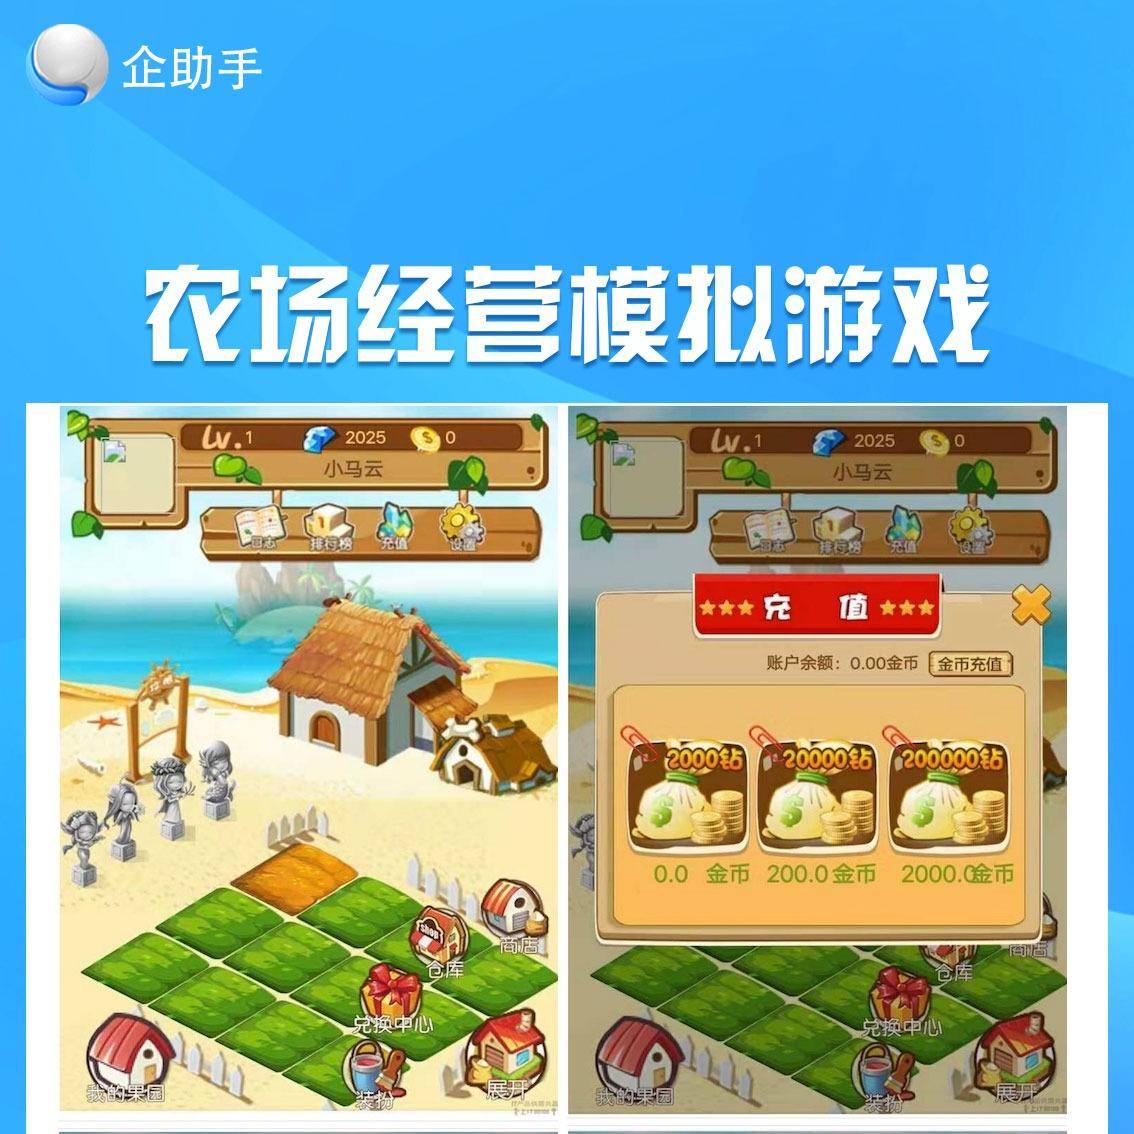 玖富庄园农场拆分理财复利盘分红返佣牧场游戏定制开发